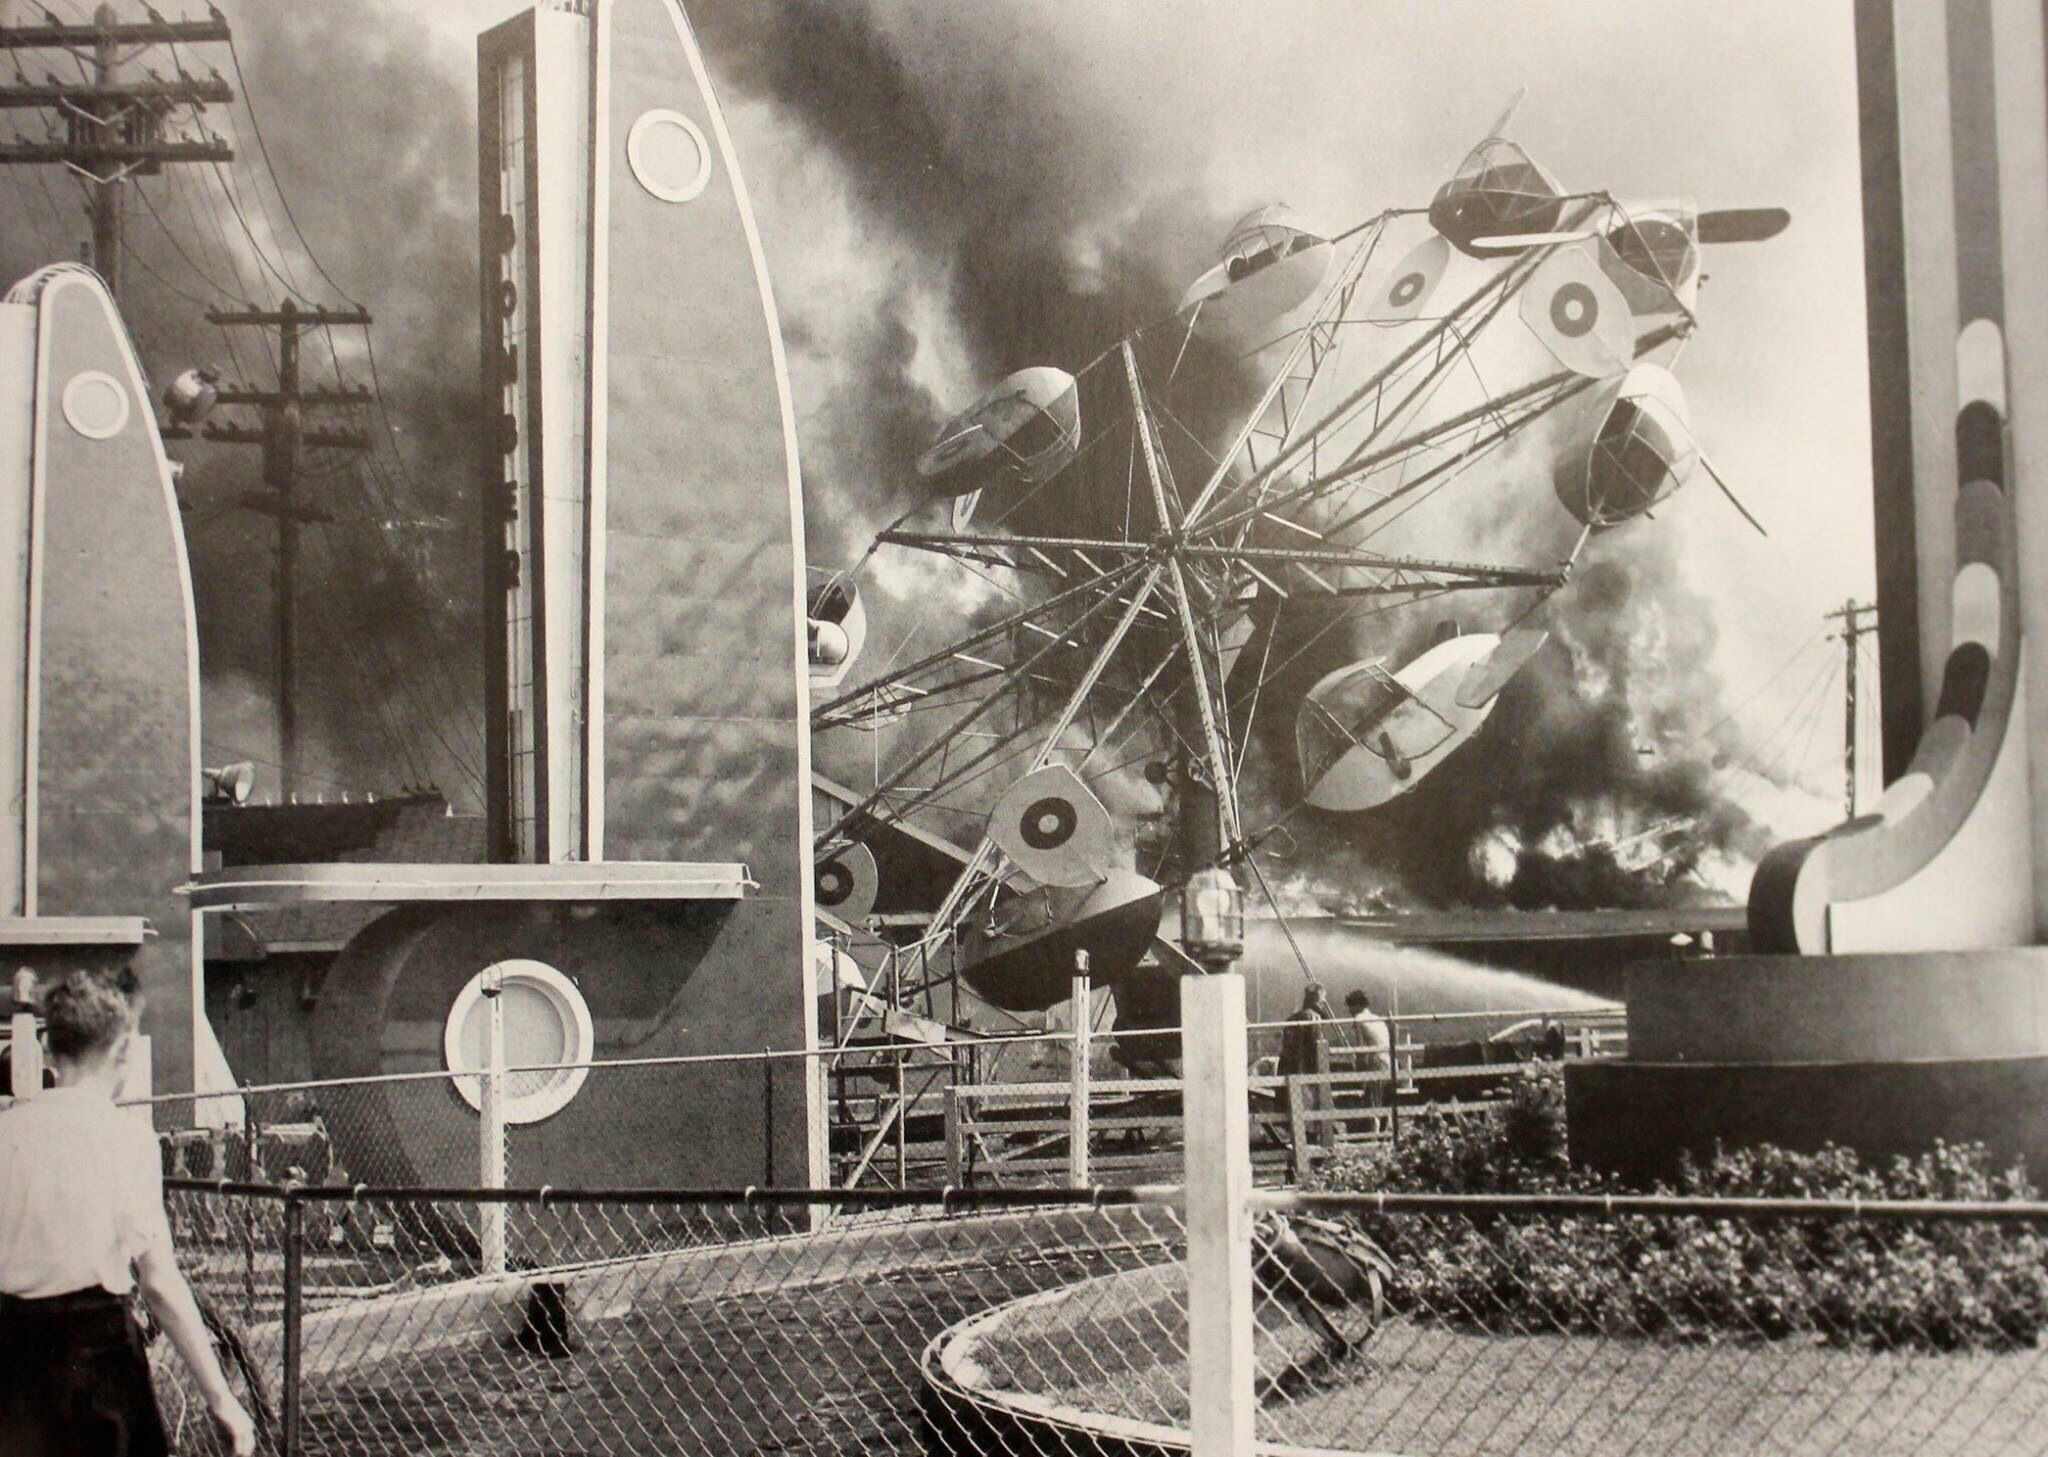 Palisades Amusement Park Fire 1944